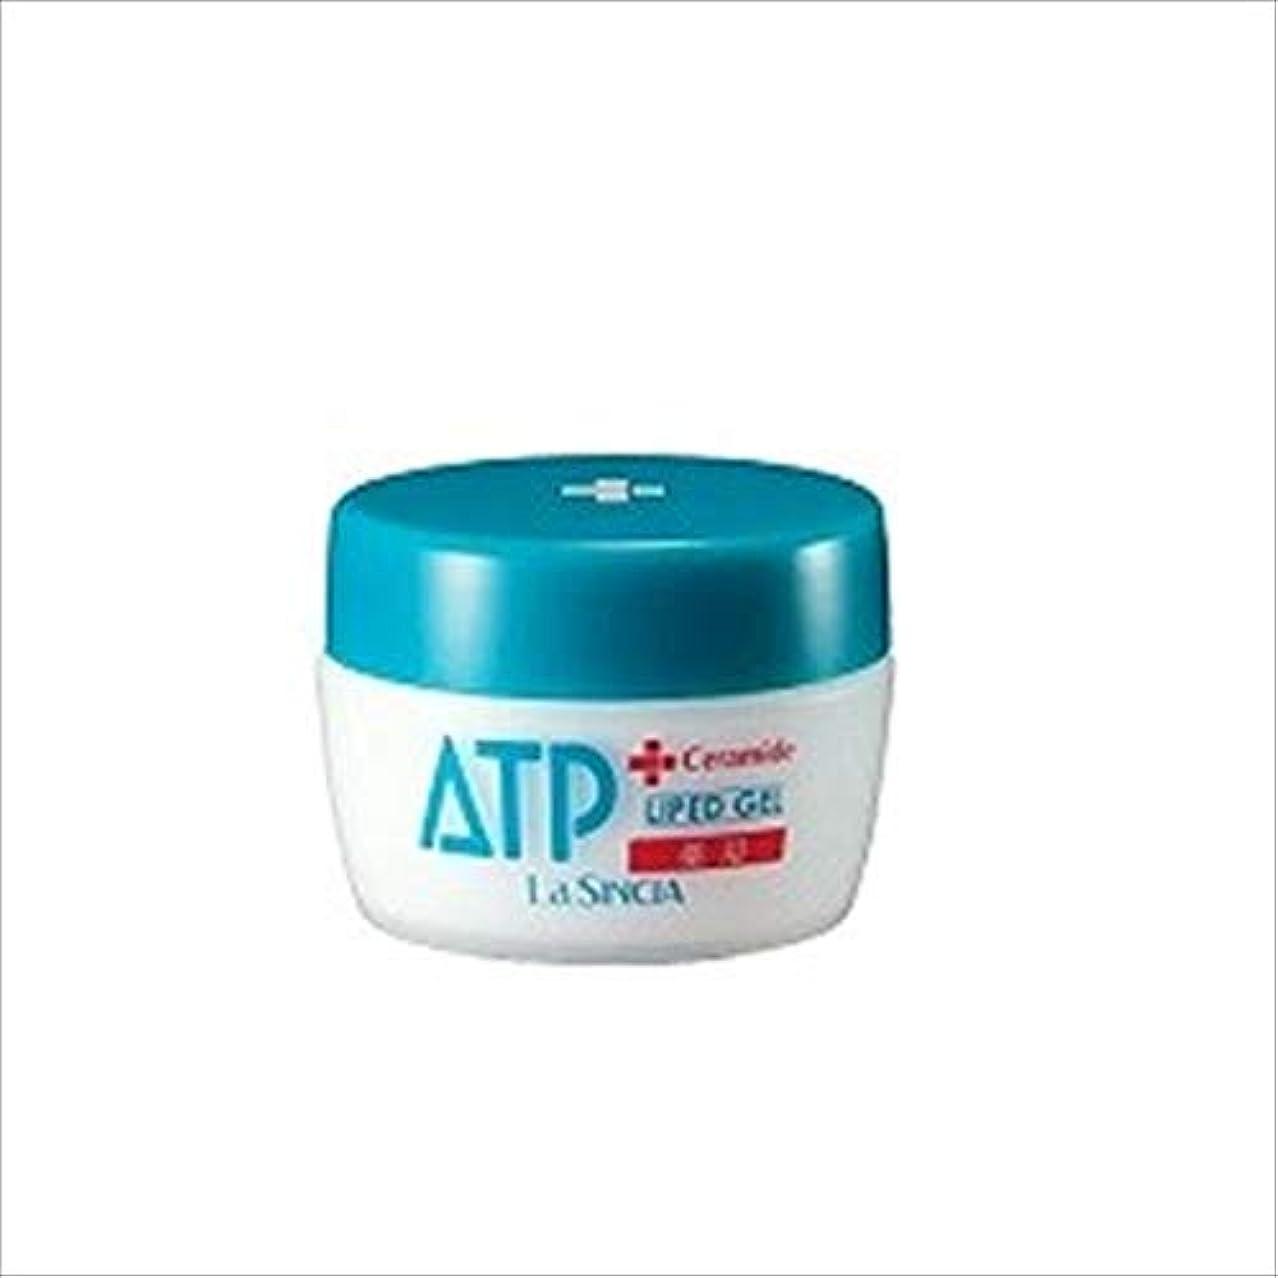 代わりに複製メディカルラ?シンシア 薬用ATP リピッドゲル 30g (全身?頭皮?頭髪用保湿ゲルクリーム)